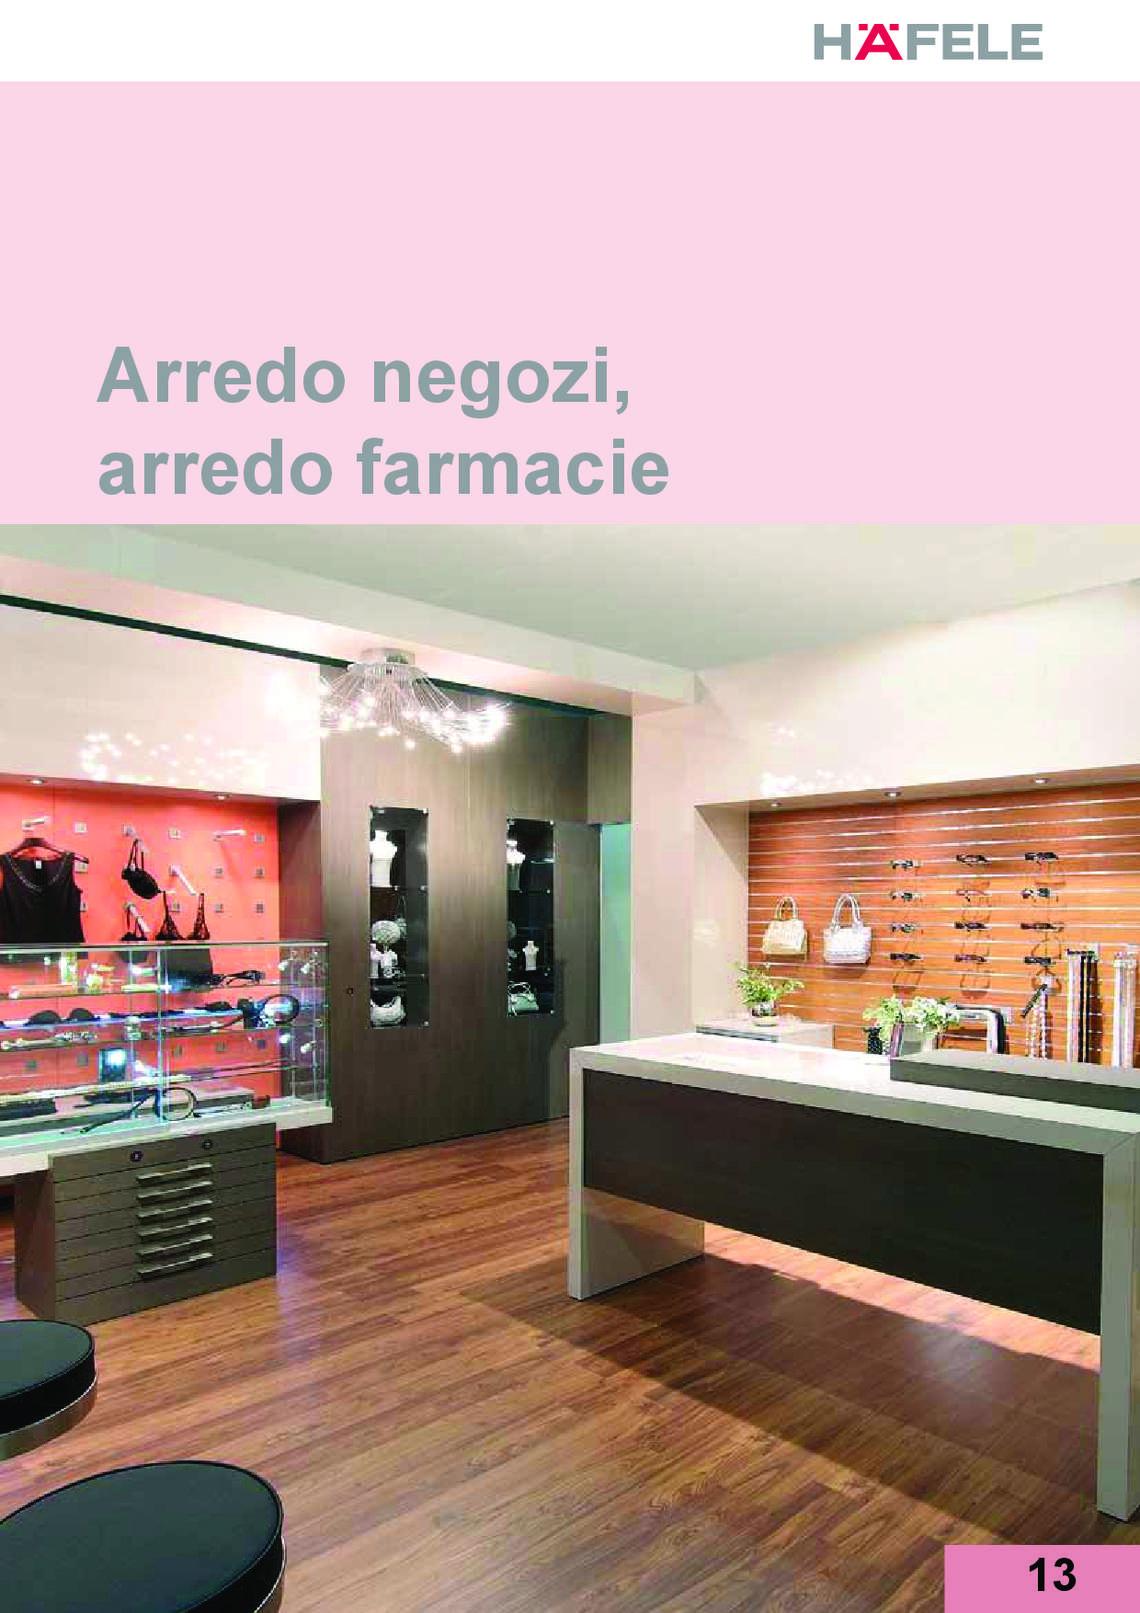 Catalogo hafele arredo negozi e farmacie di h fele italia for Negozi per mobili